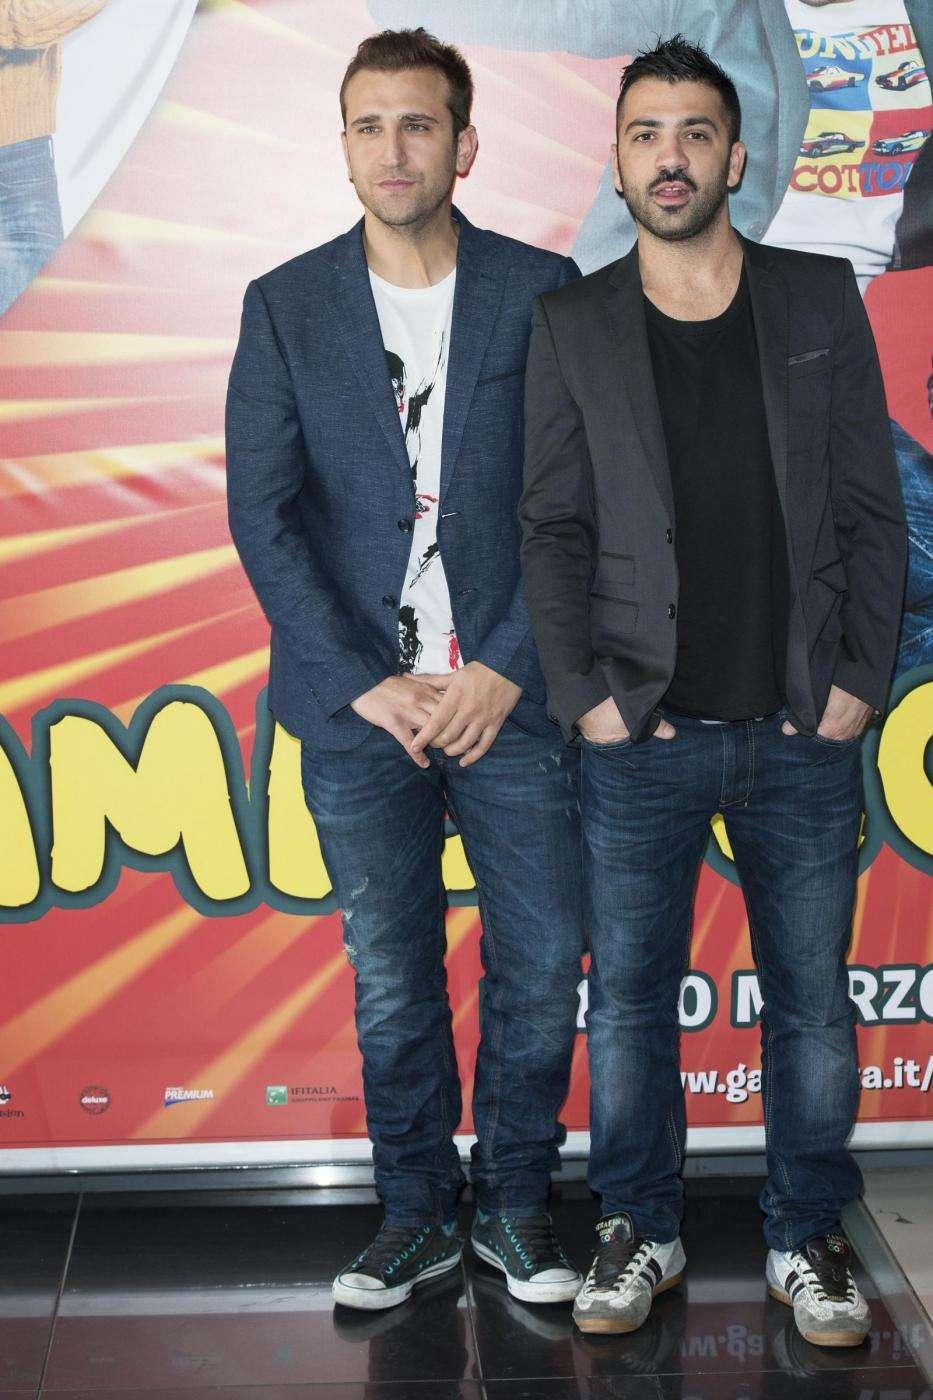 Pio & Amedeo comici foggiani